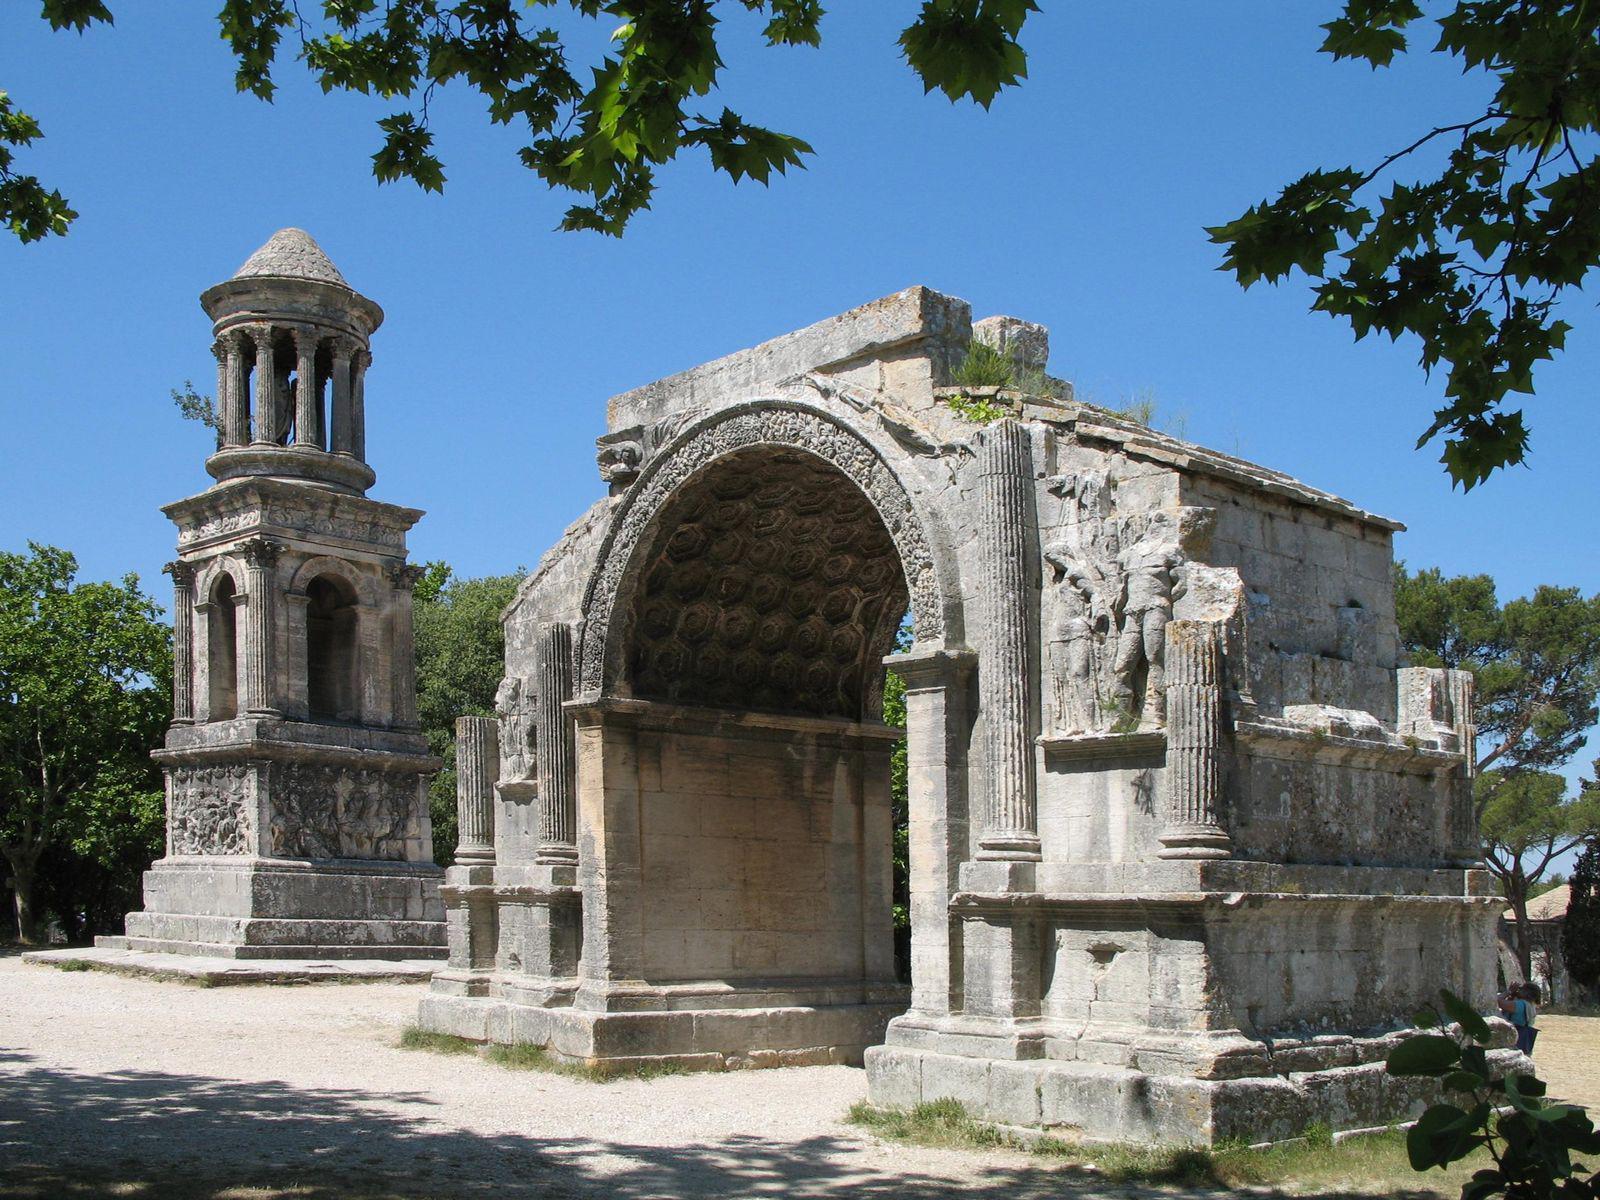 Les Antiques_Saint-Rémy-de-Provence